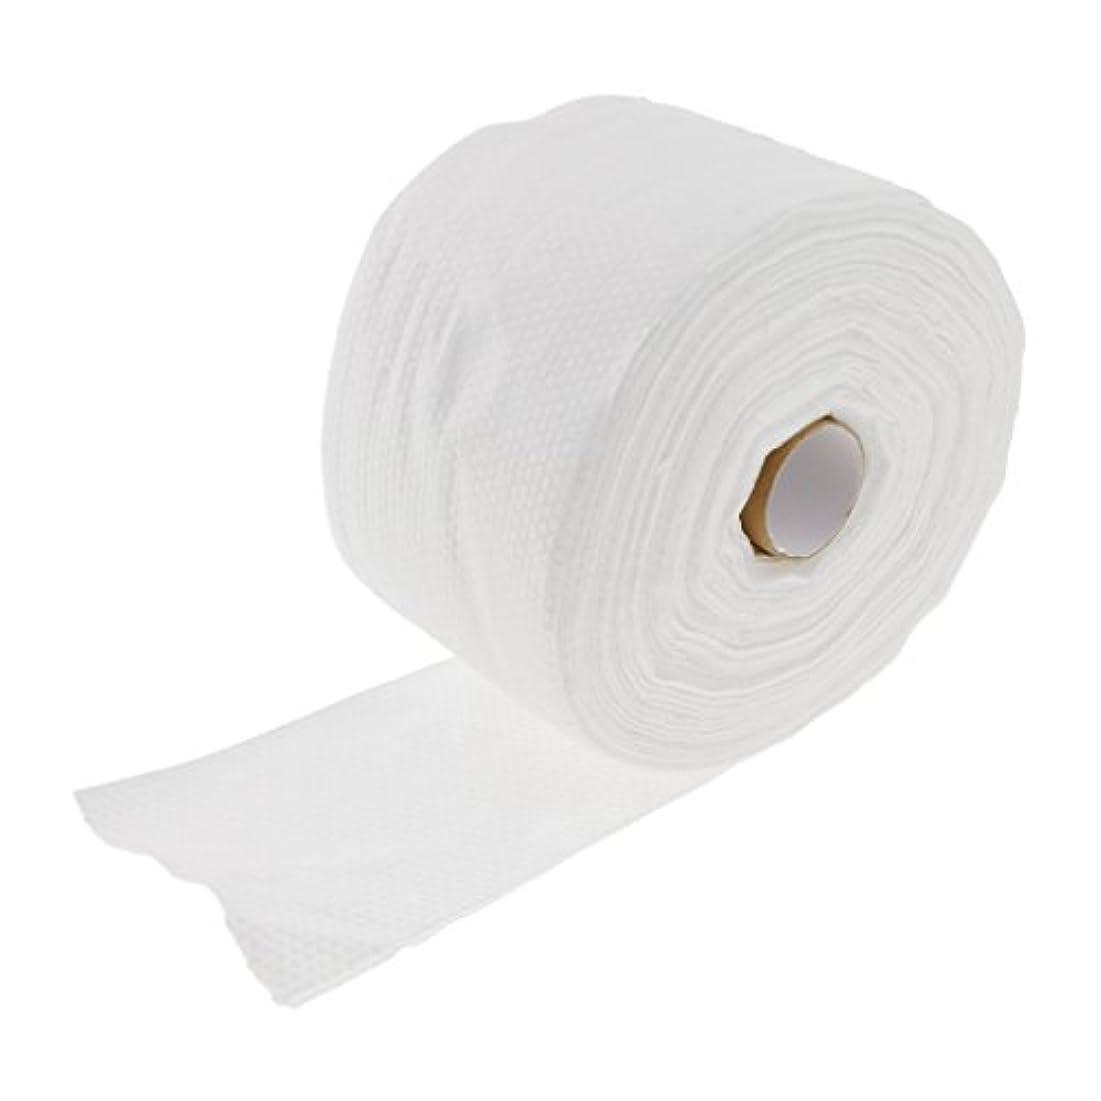 政治的淡い溝Kesoto ロール式 使い捨て 洗顔タオル 使い捨てタオル 30M コットン 繊維 メイクリムーバー 2タイプ選べる - #2